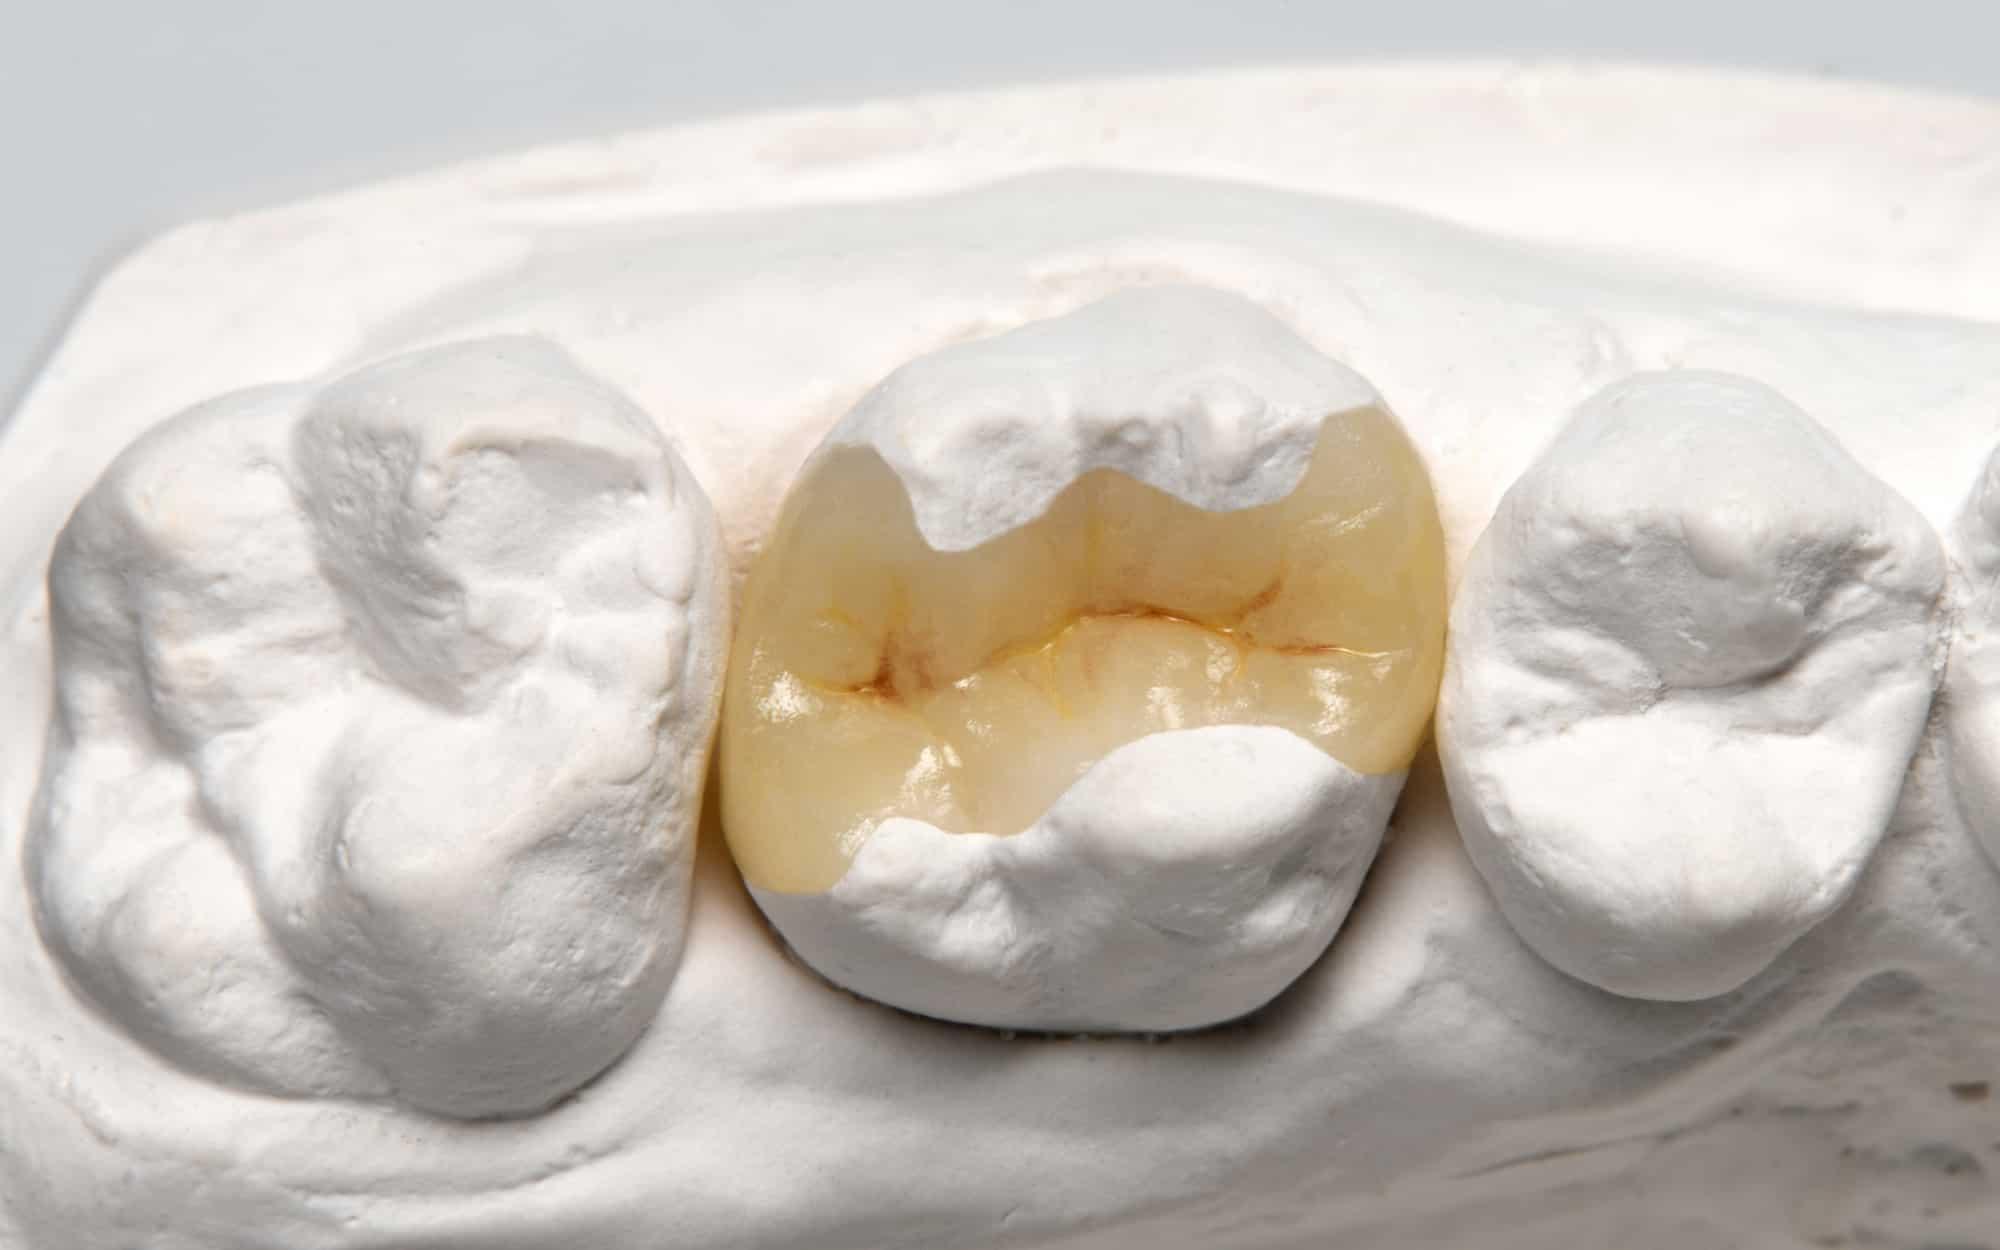 Inlays als besondere Zahnfüllungen - Keramikinlay auf weißem Modell